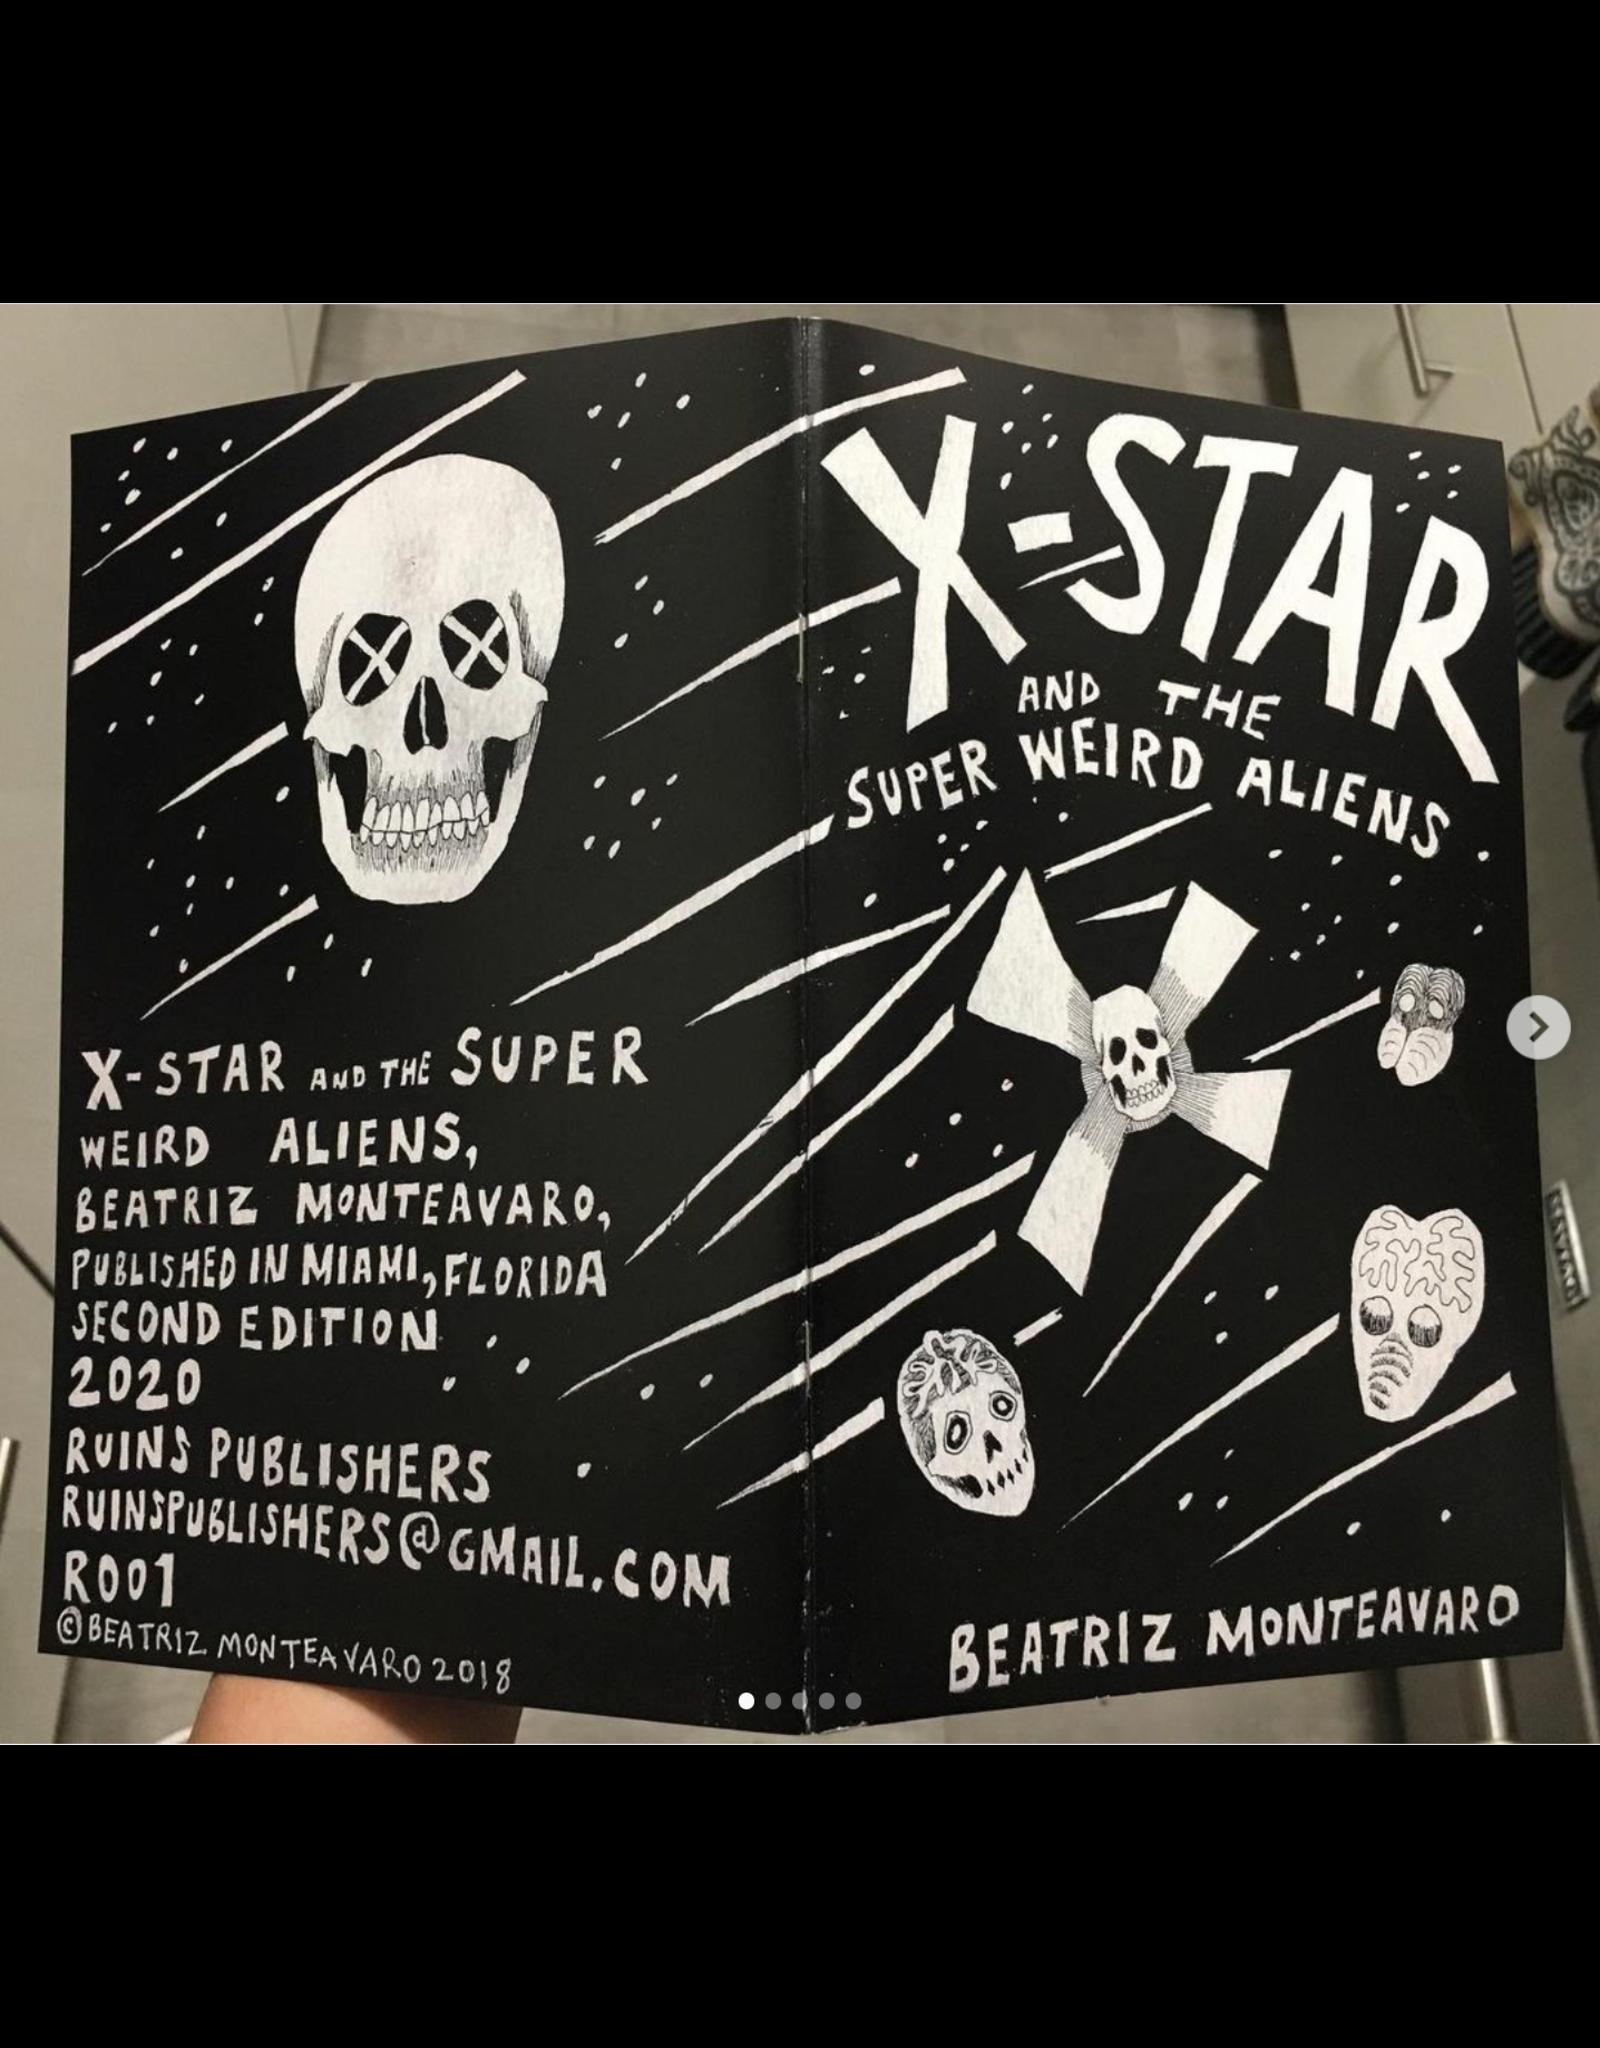 X-Star & The Super Weird Aliens